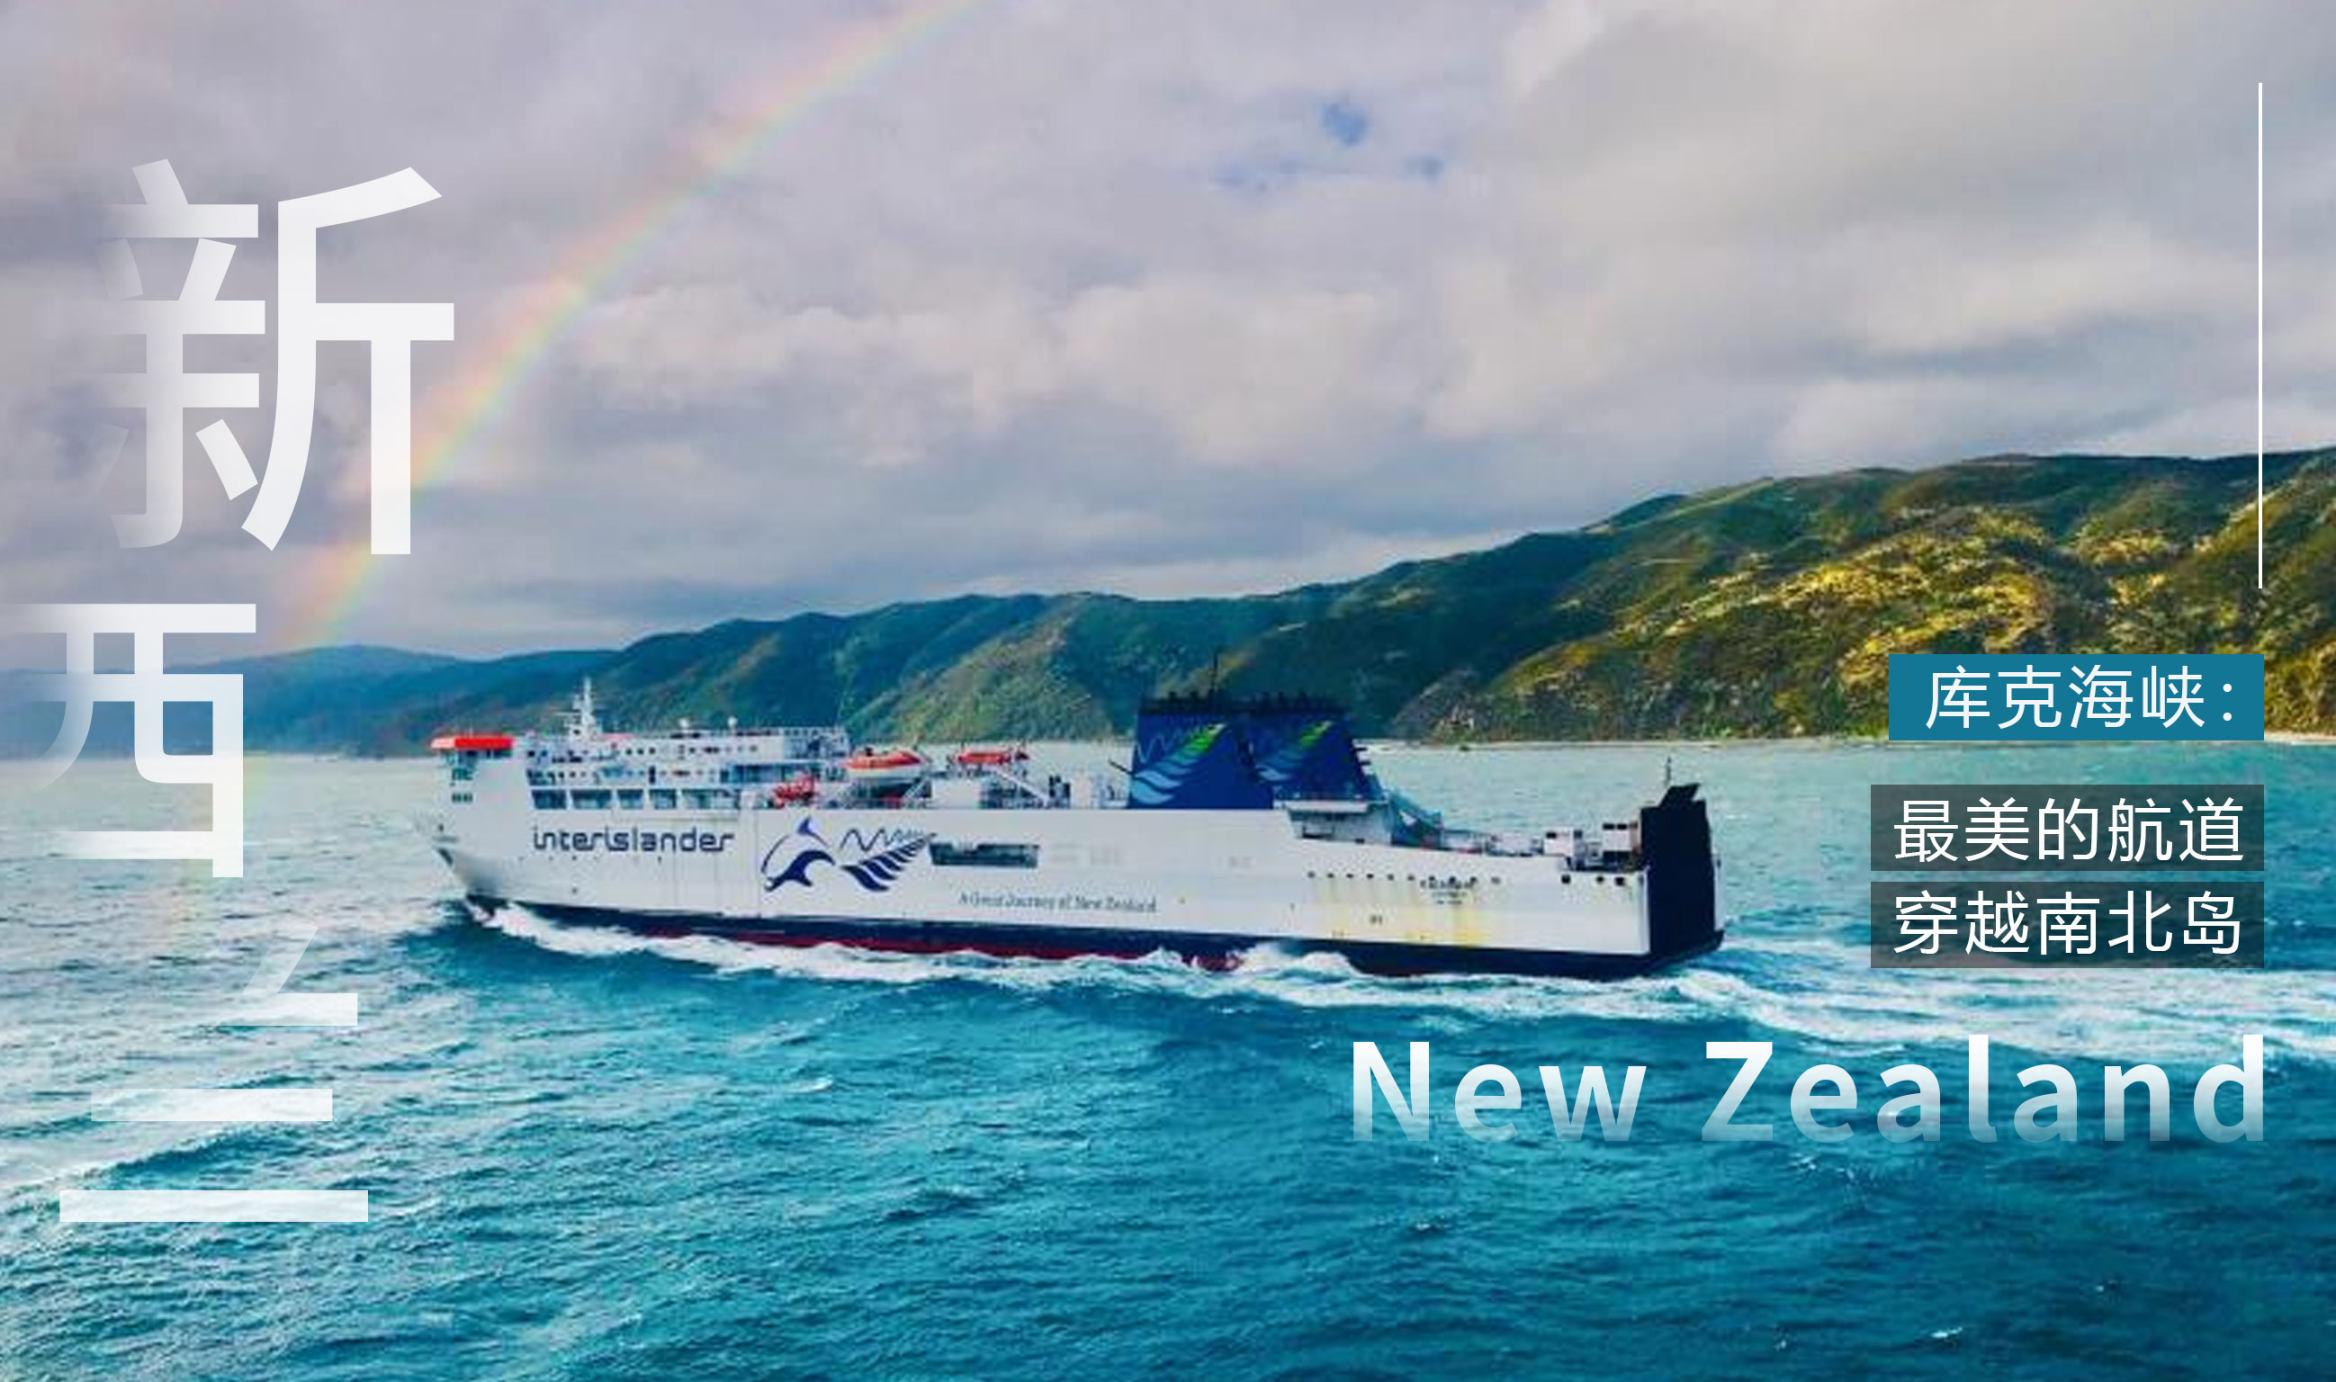 【穿越全景】新西兰南北岛11晚14天(凯库拉观鲸、库克海峡、惠灵顿、蒂帕帕、汤加里罗、布拉夫、米佛、陶波、双冰川、爱歌顿、霍比特、毛利村)